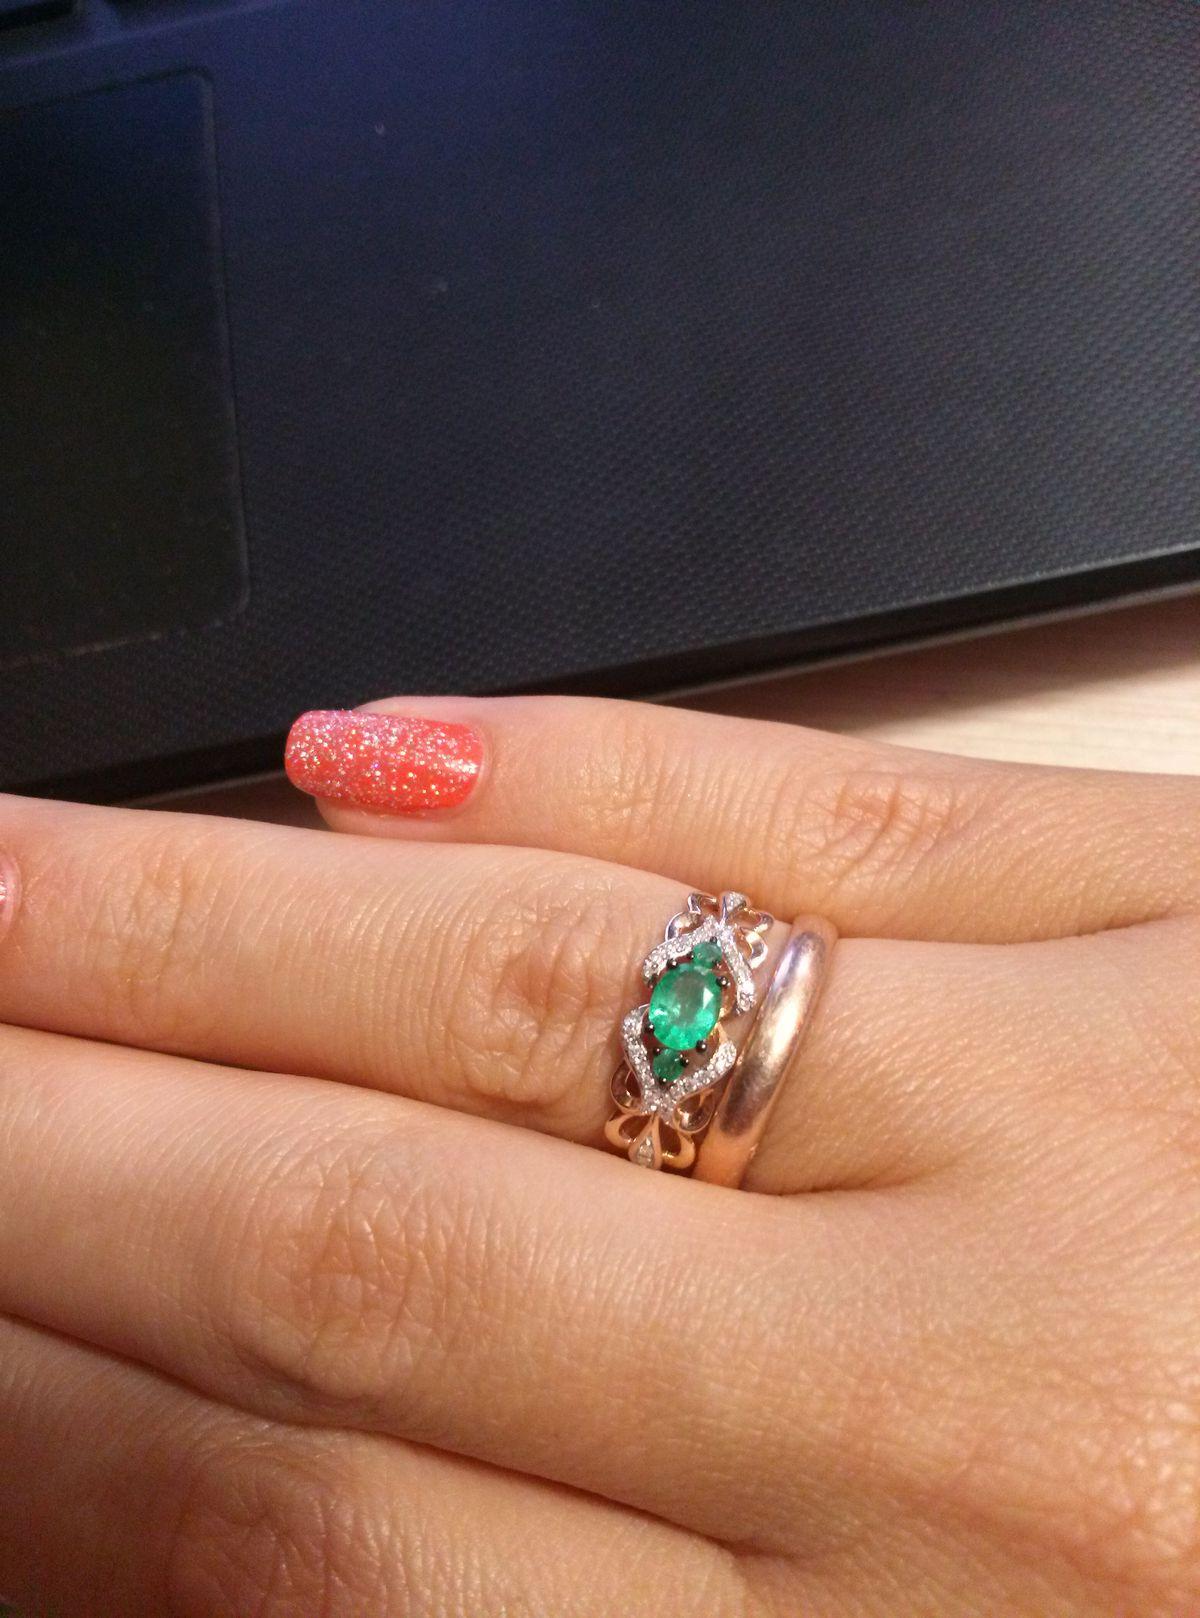 Кольцо в день рождения супруги.